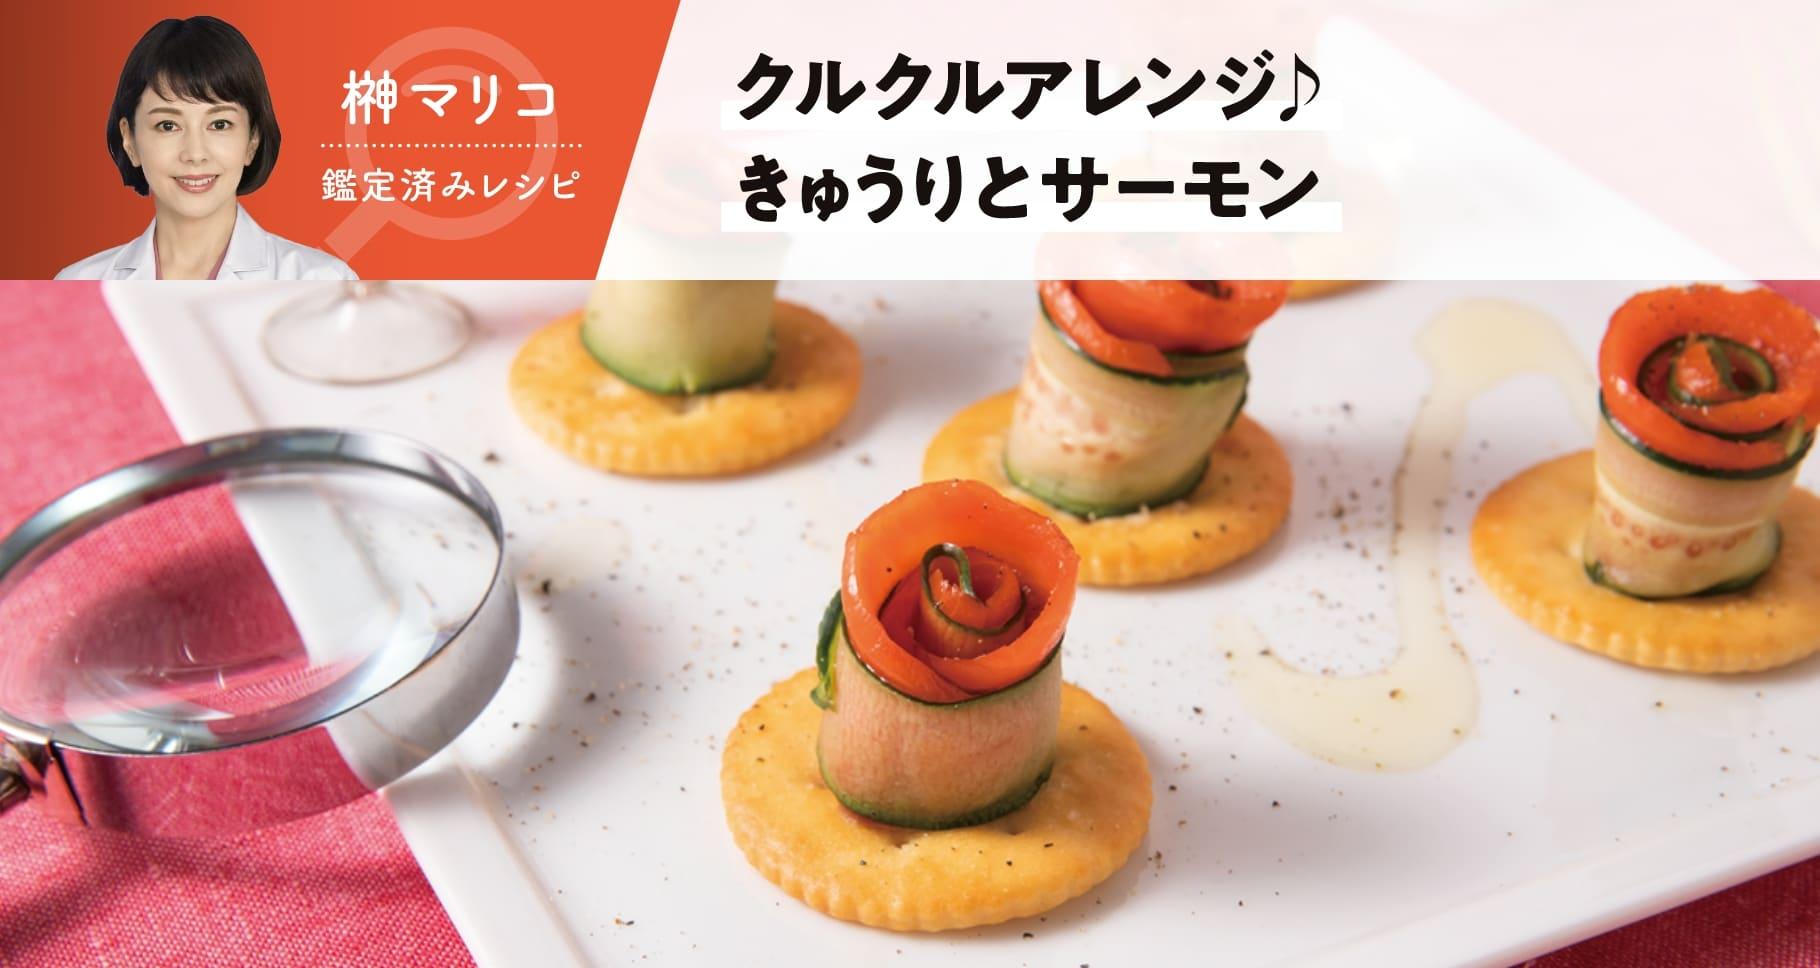 榊マリコ クルクルアレンジ きゅうりとサーモン